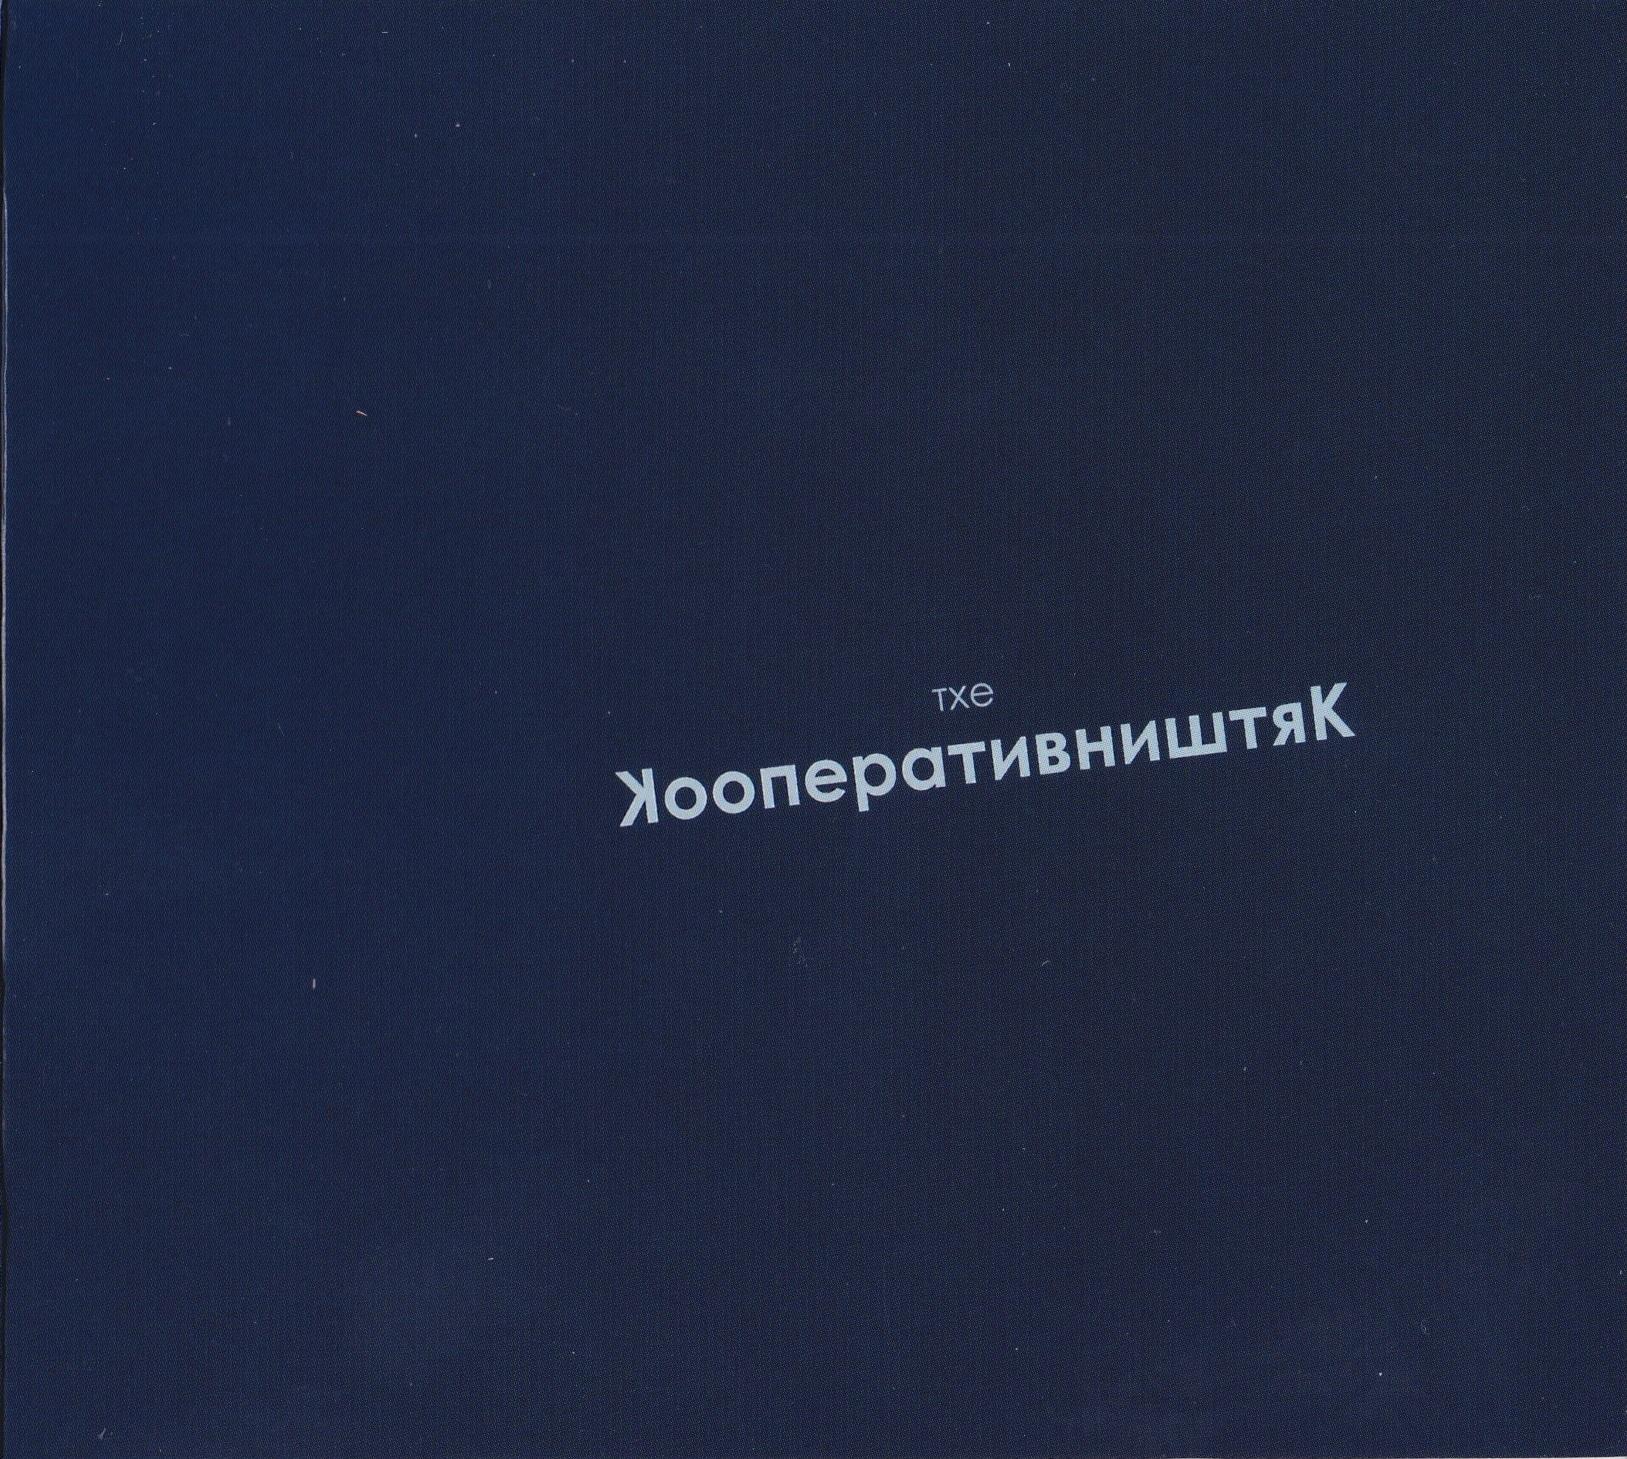 Кооператив Ништяк — В бутылке масле сварили беса (2008)